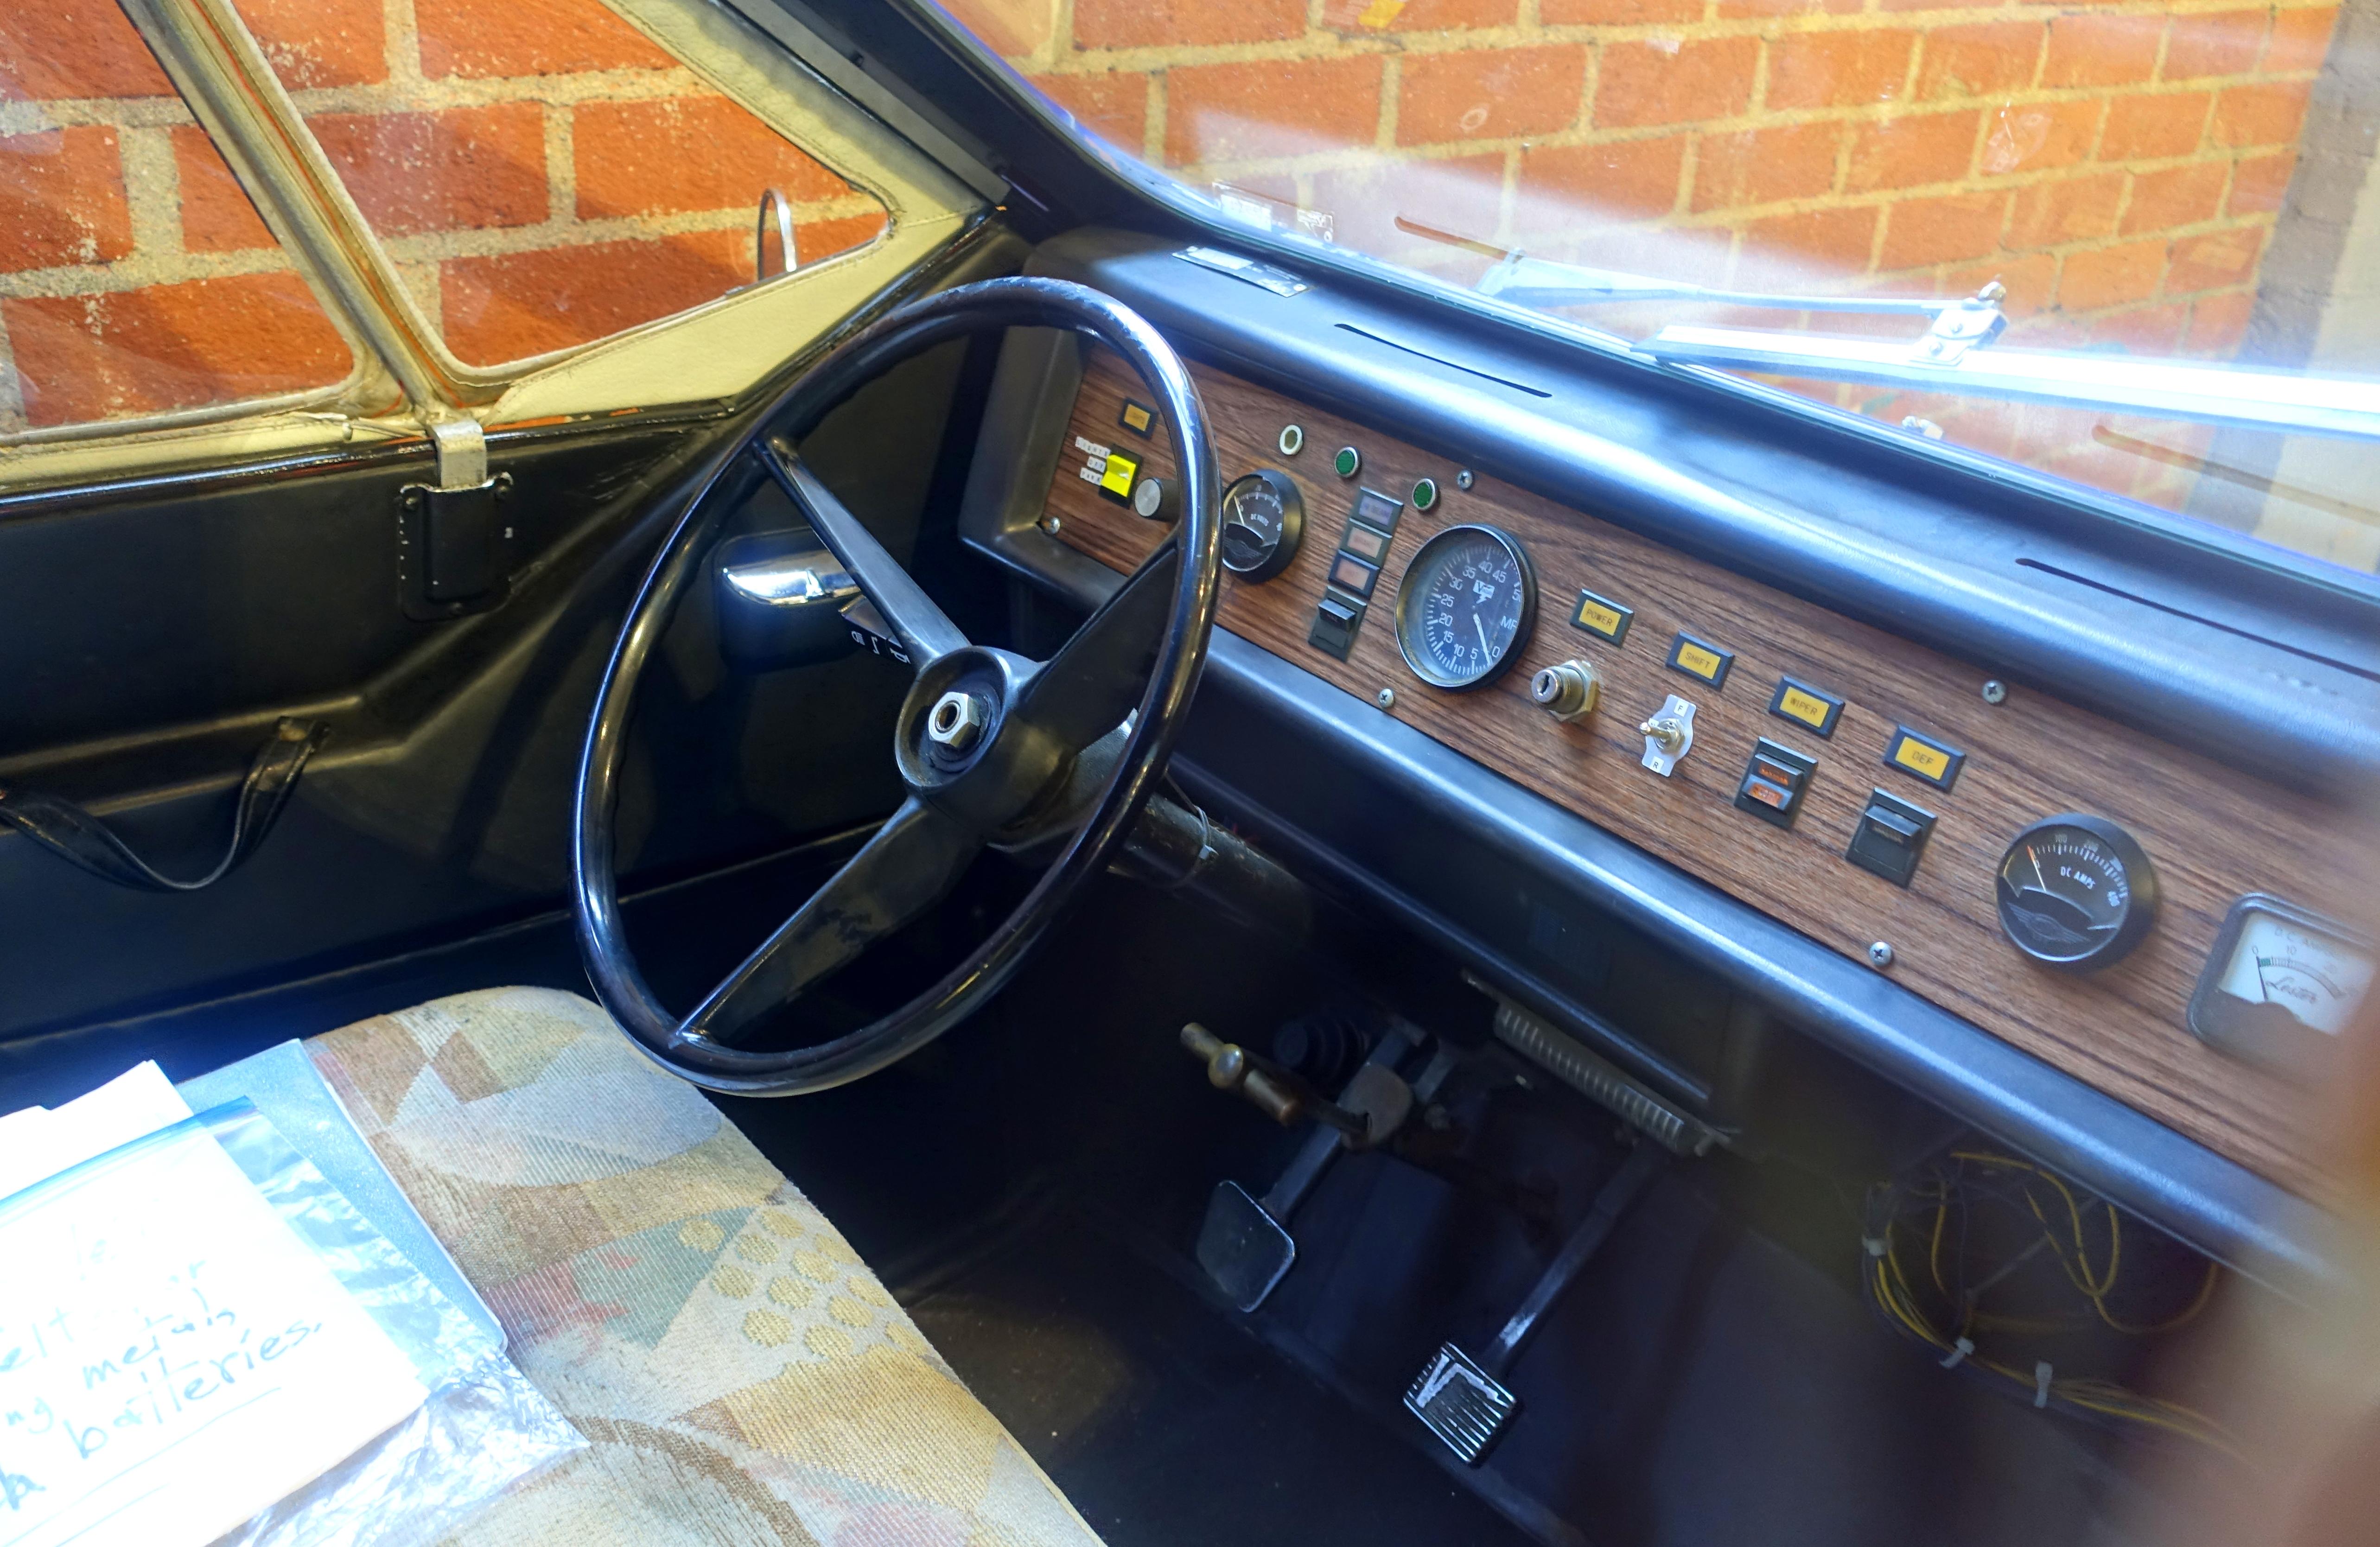 1975_Sebring-Vanguard_CitiCar_-_Automobi